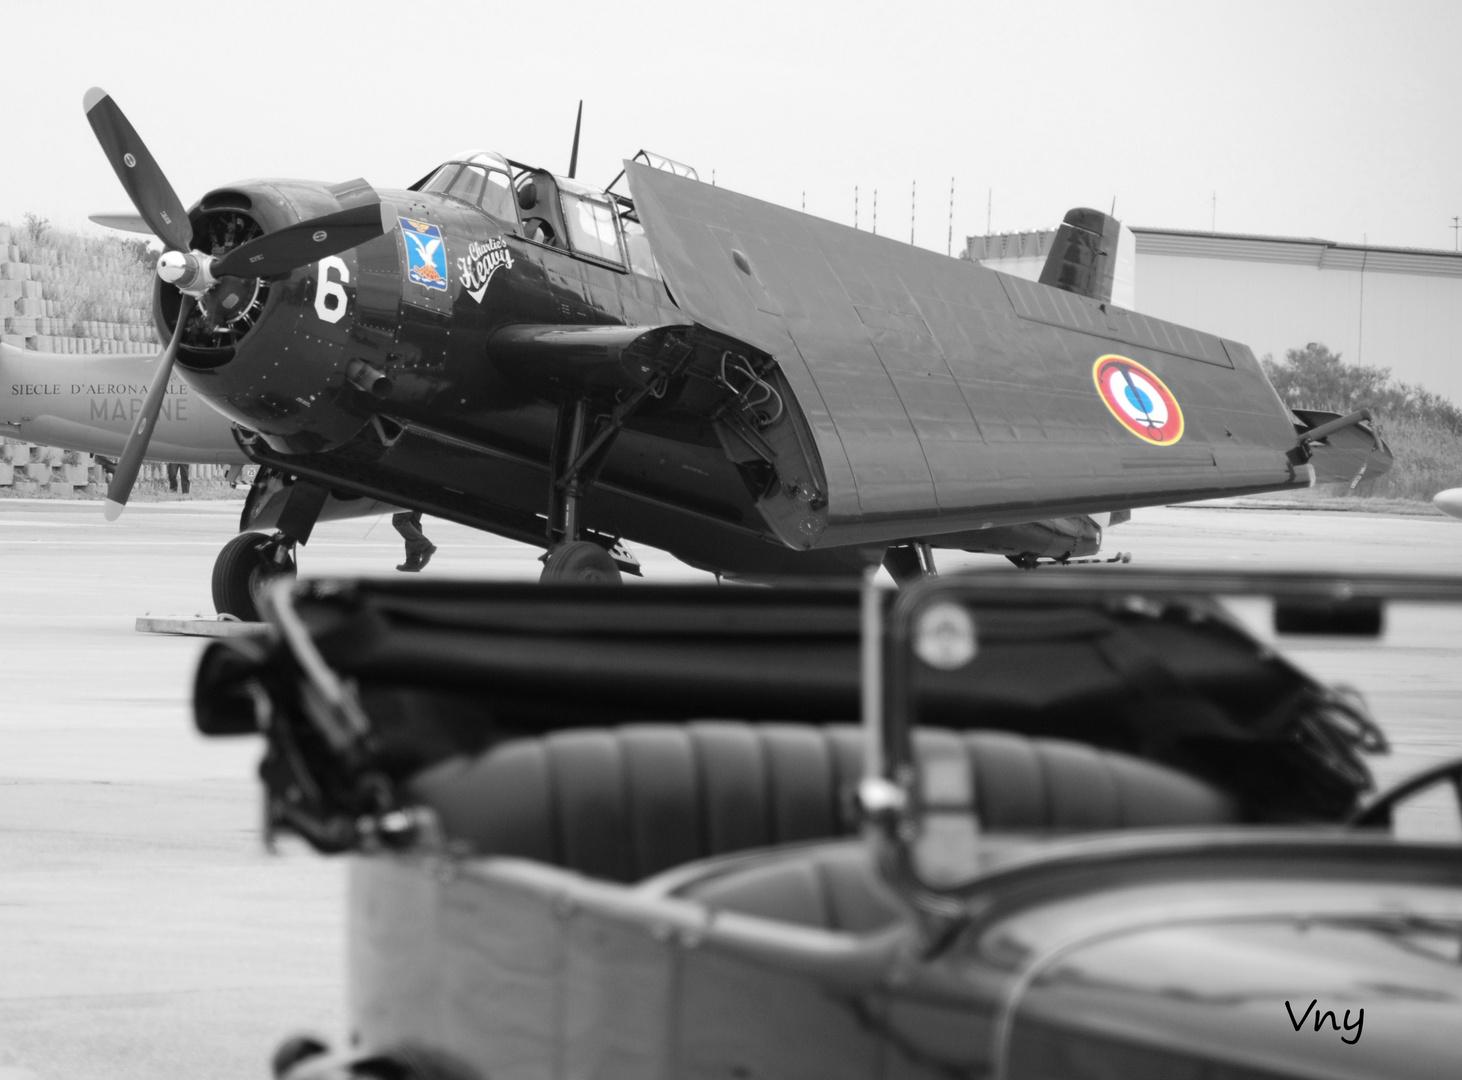 100 ans de l'aéronautique navale - Hyères